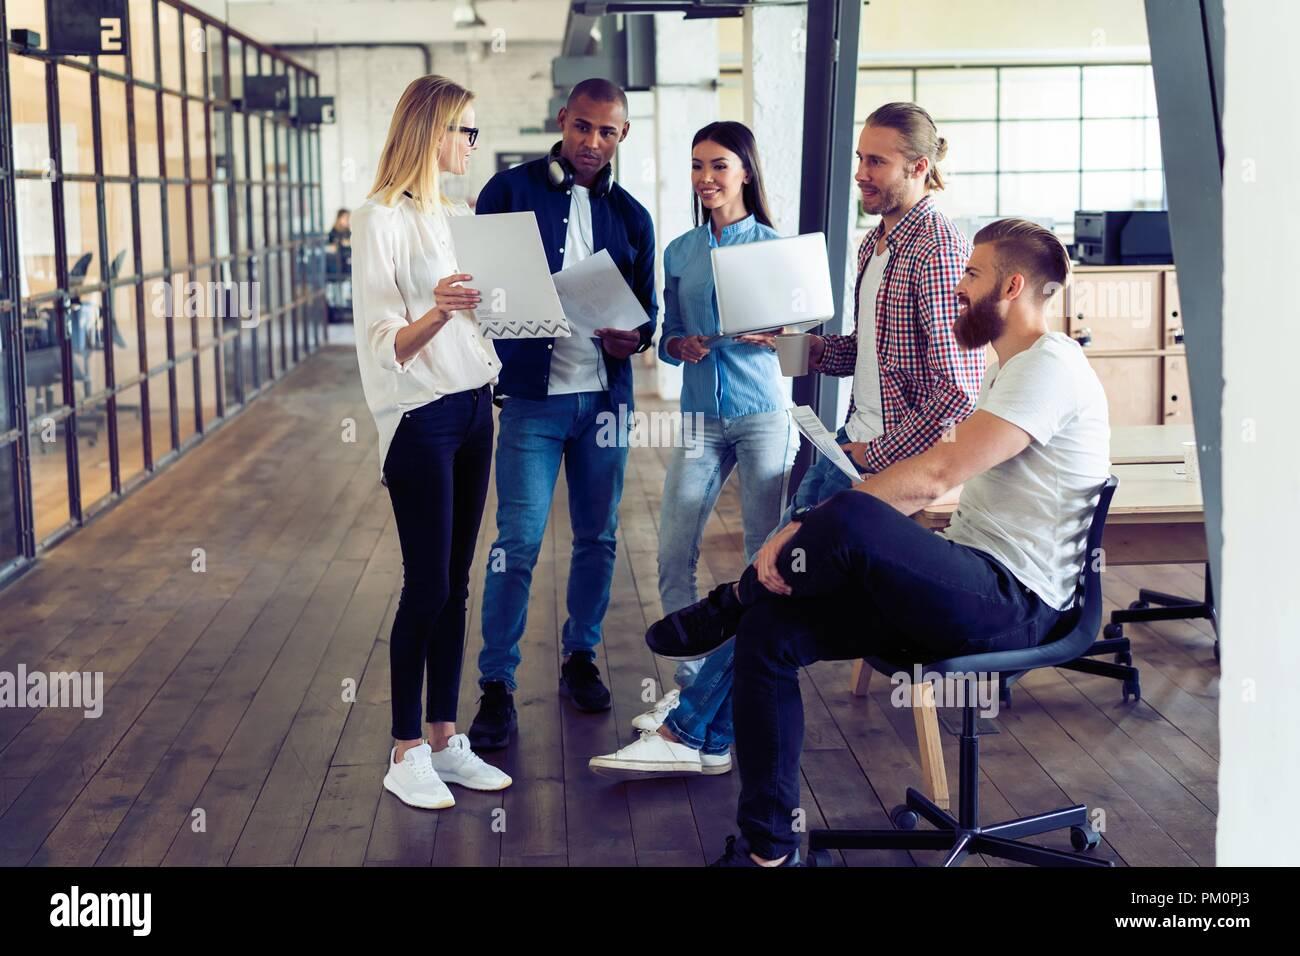 Travailler en équipe. Longueur totale de jeunes gens modernes dans smart casual wear planning business stratégie alors que jeune femme pointant sur grand papier dans le couloir. bureau Photo Stock